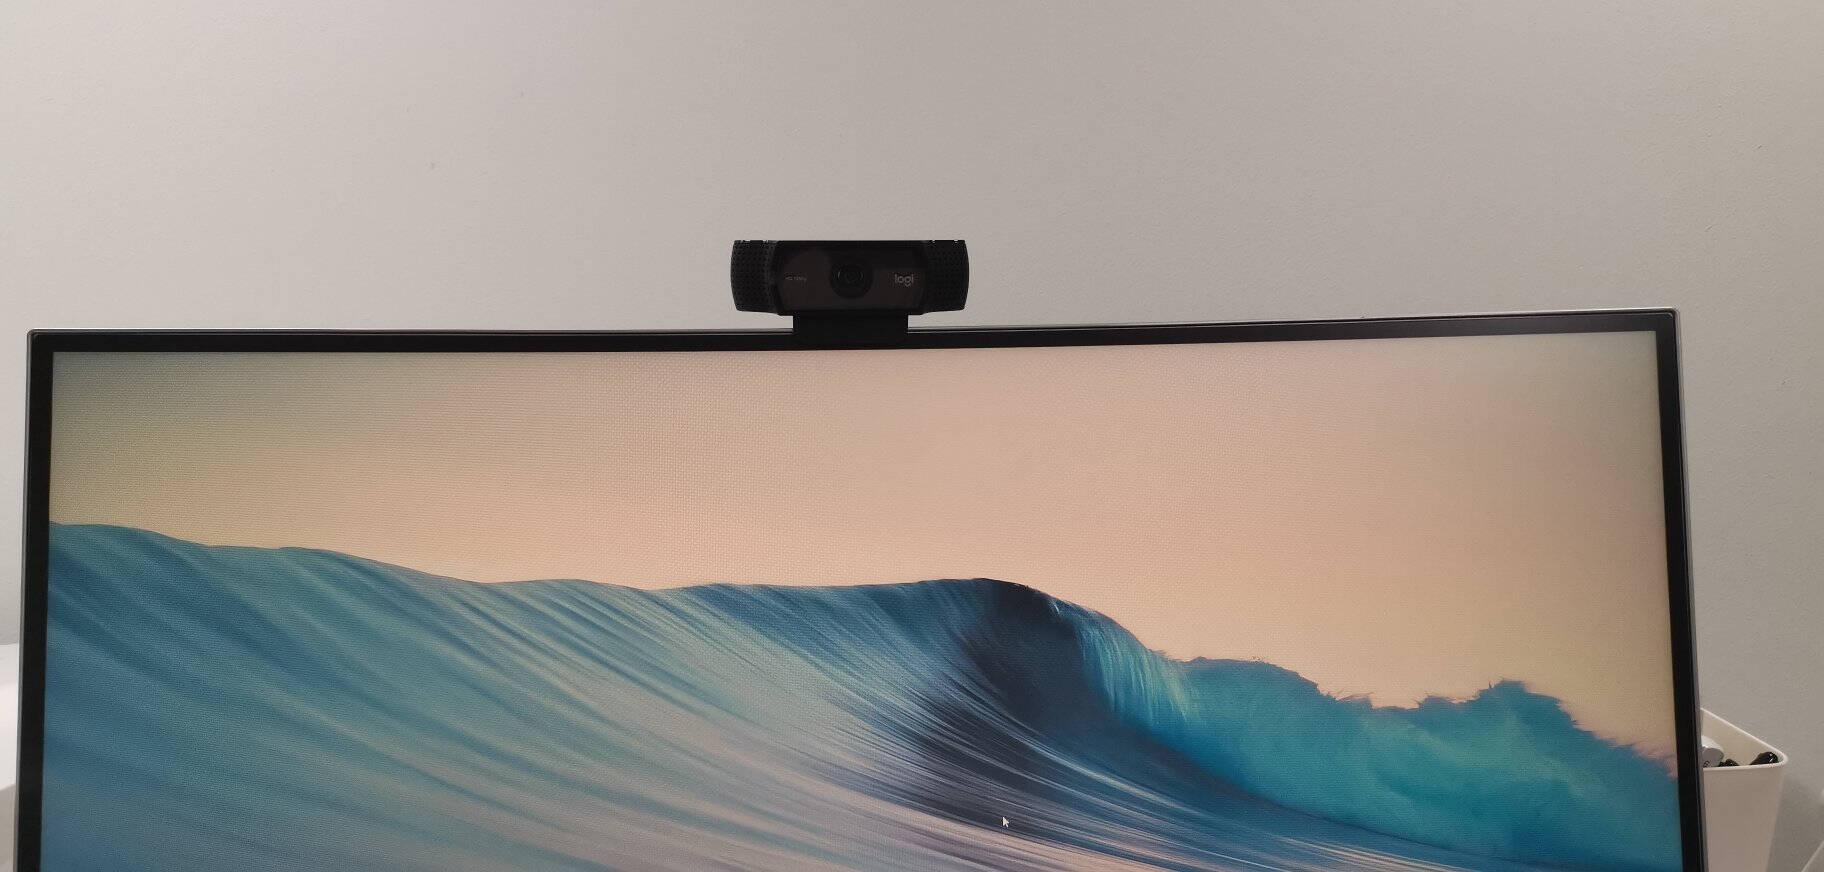 罗技(Logitech)C270高清网络摄像头高清视频通话即插即用720P网络课程远程教育台式机电脑摄像头